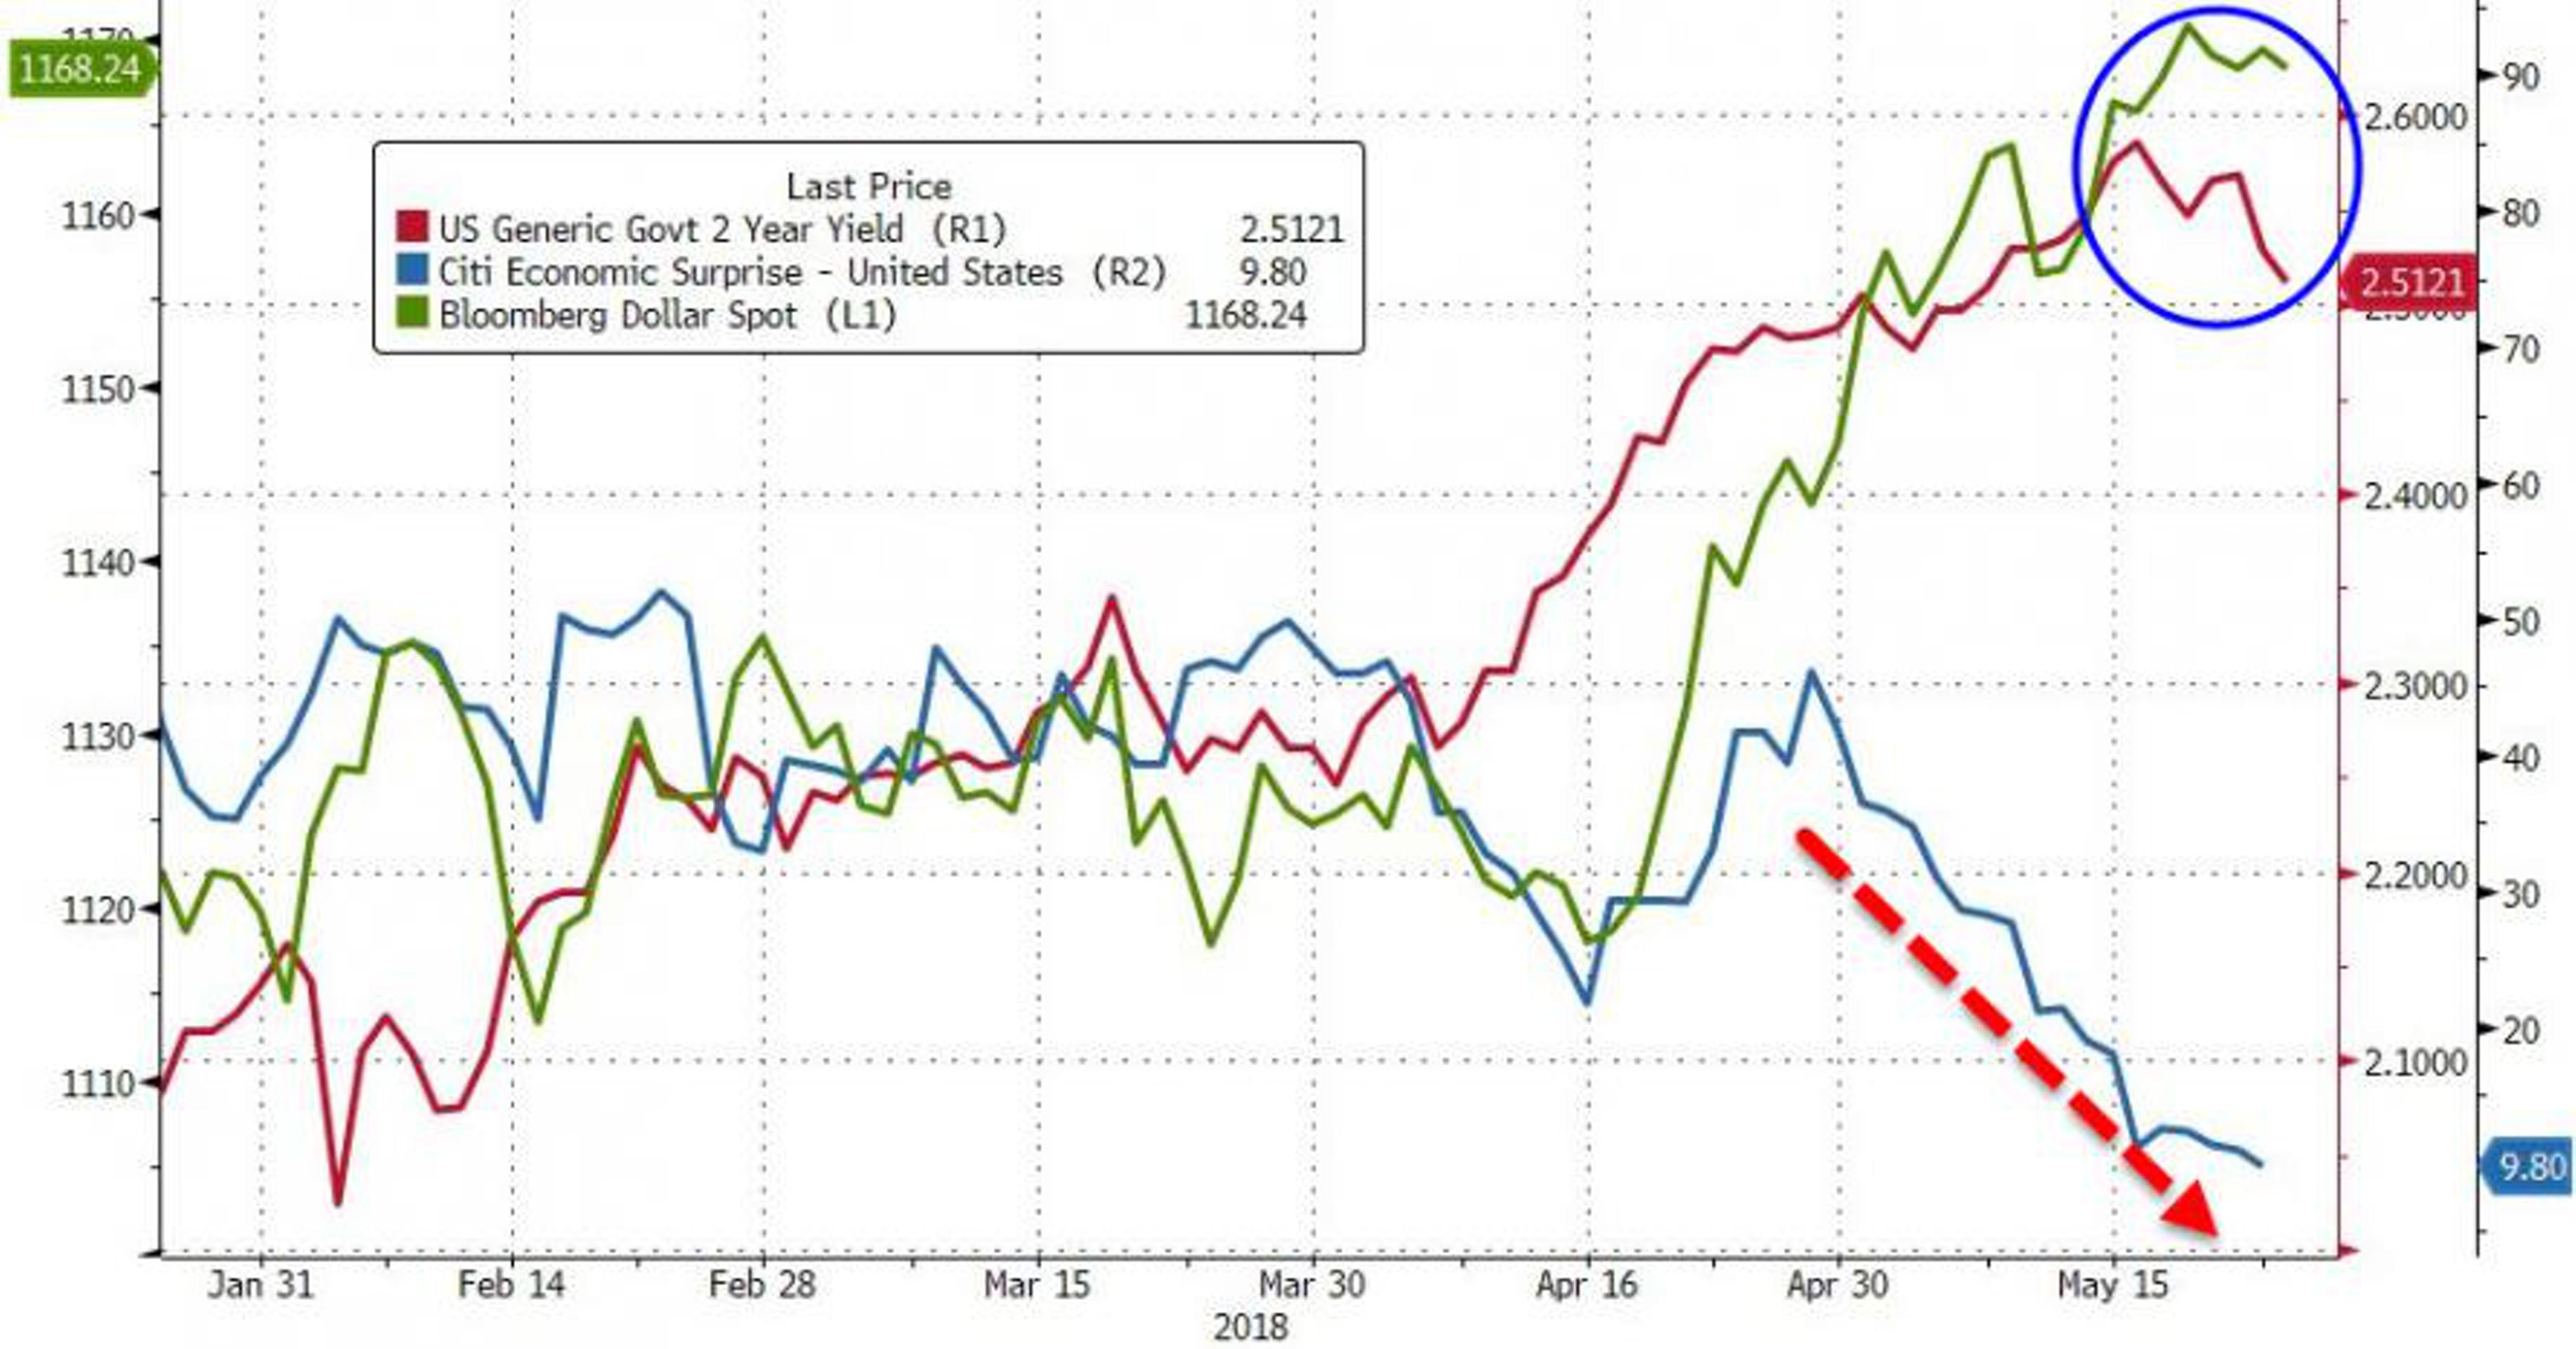 Ралли доллара подходит к концу?